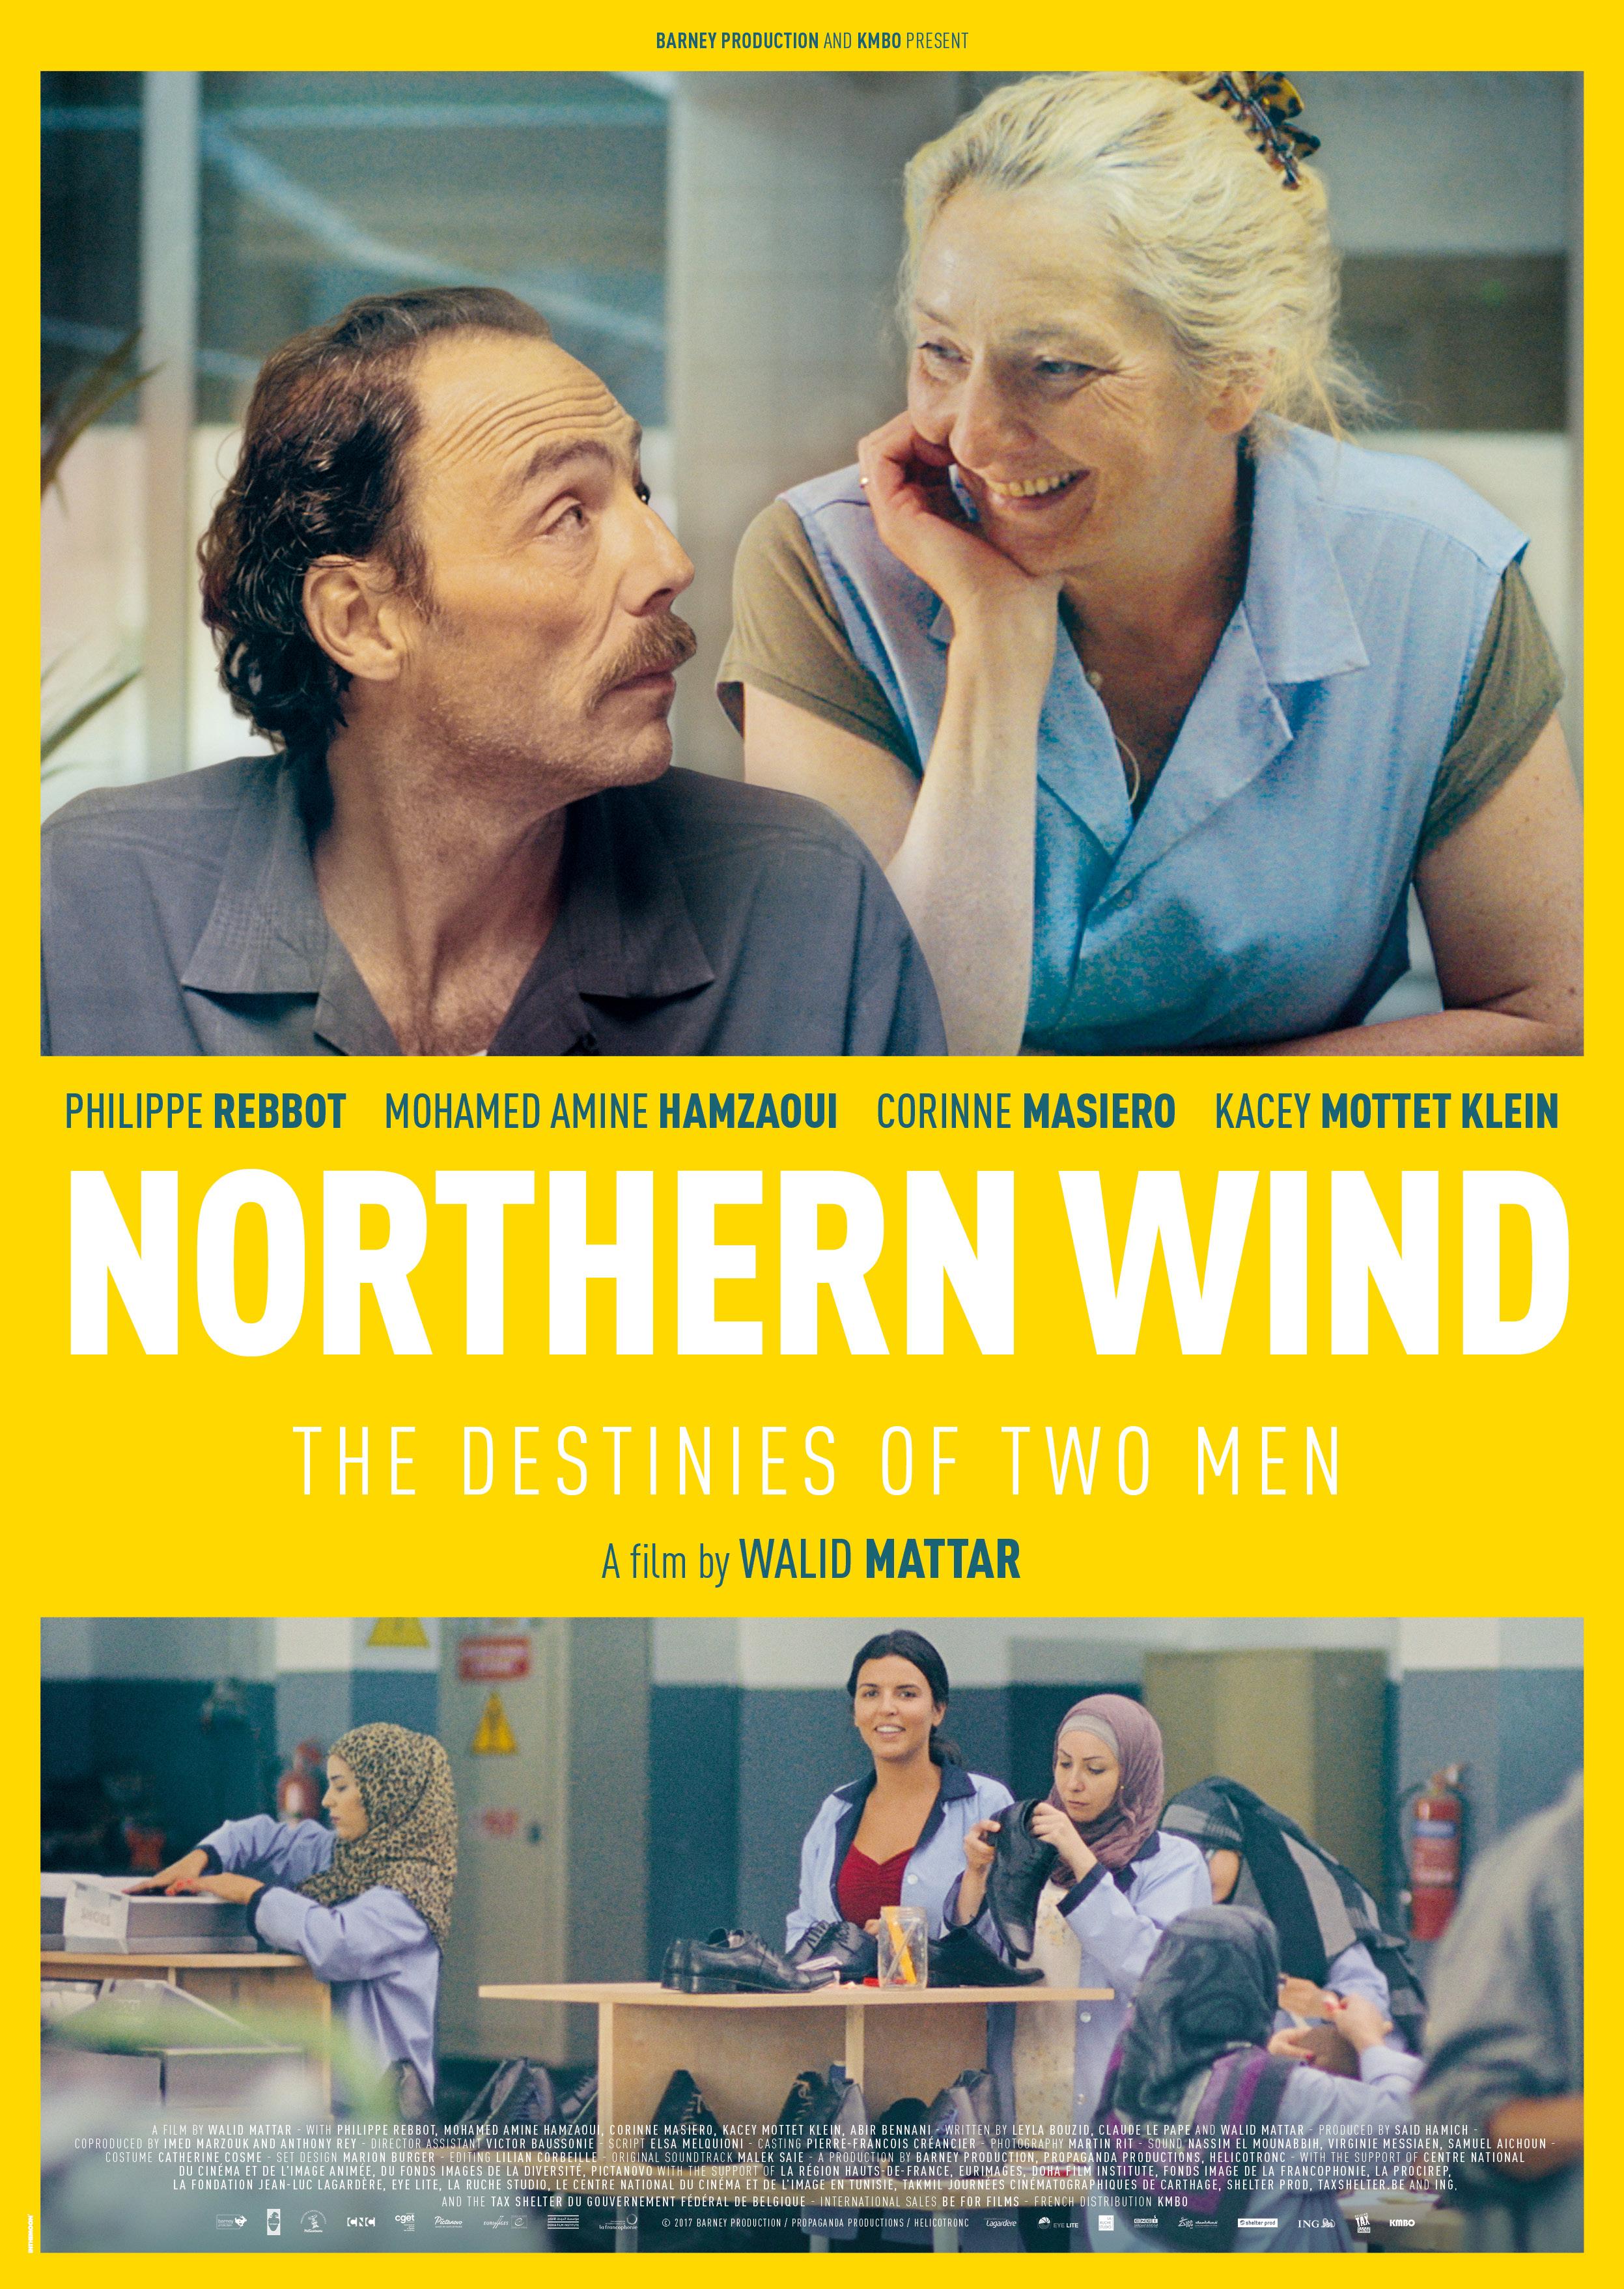 الفيلم التونسي رياح شمالية احد الافلام التي عرضت في نادي السينما الافريقية